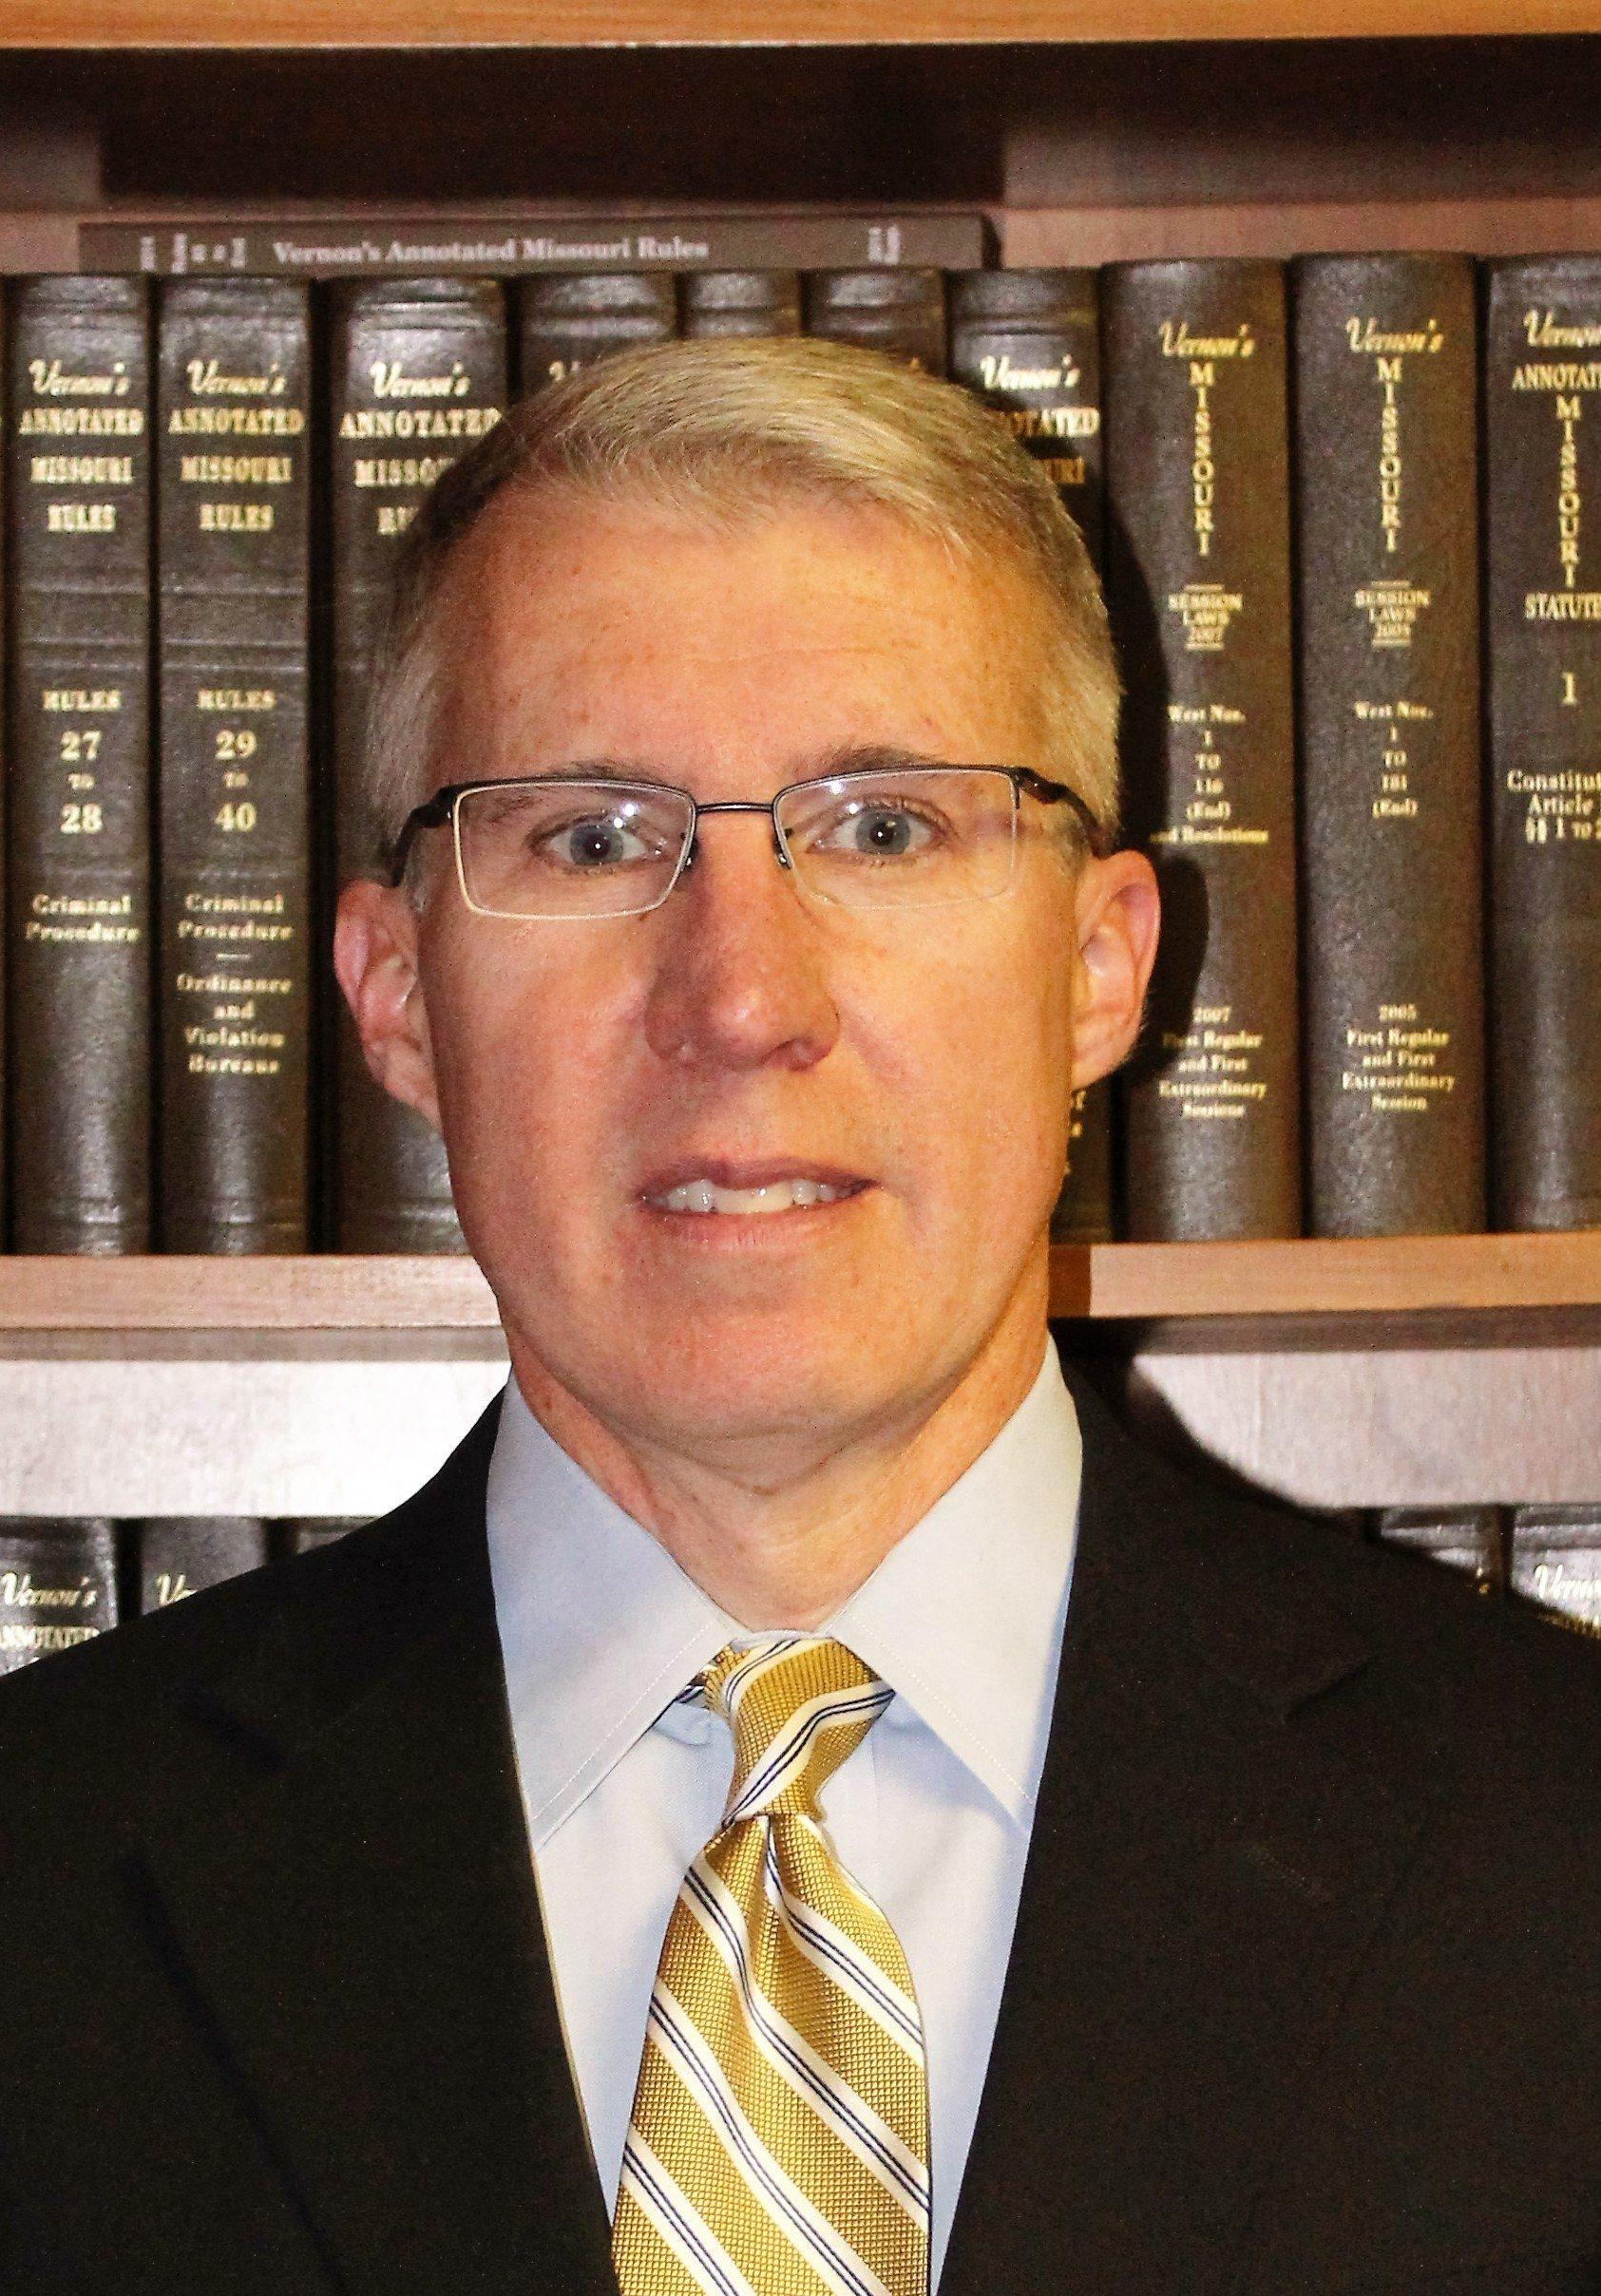 Timothy Huff